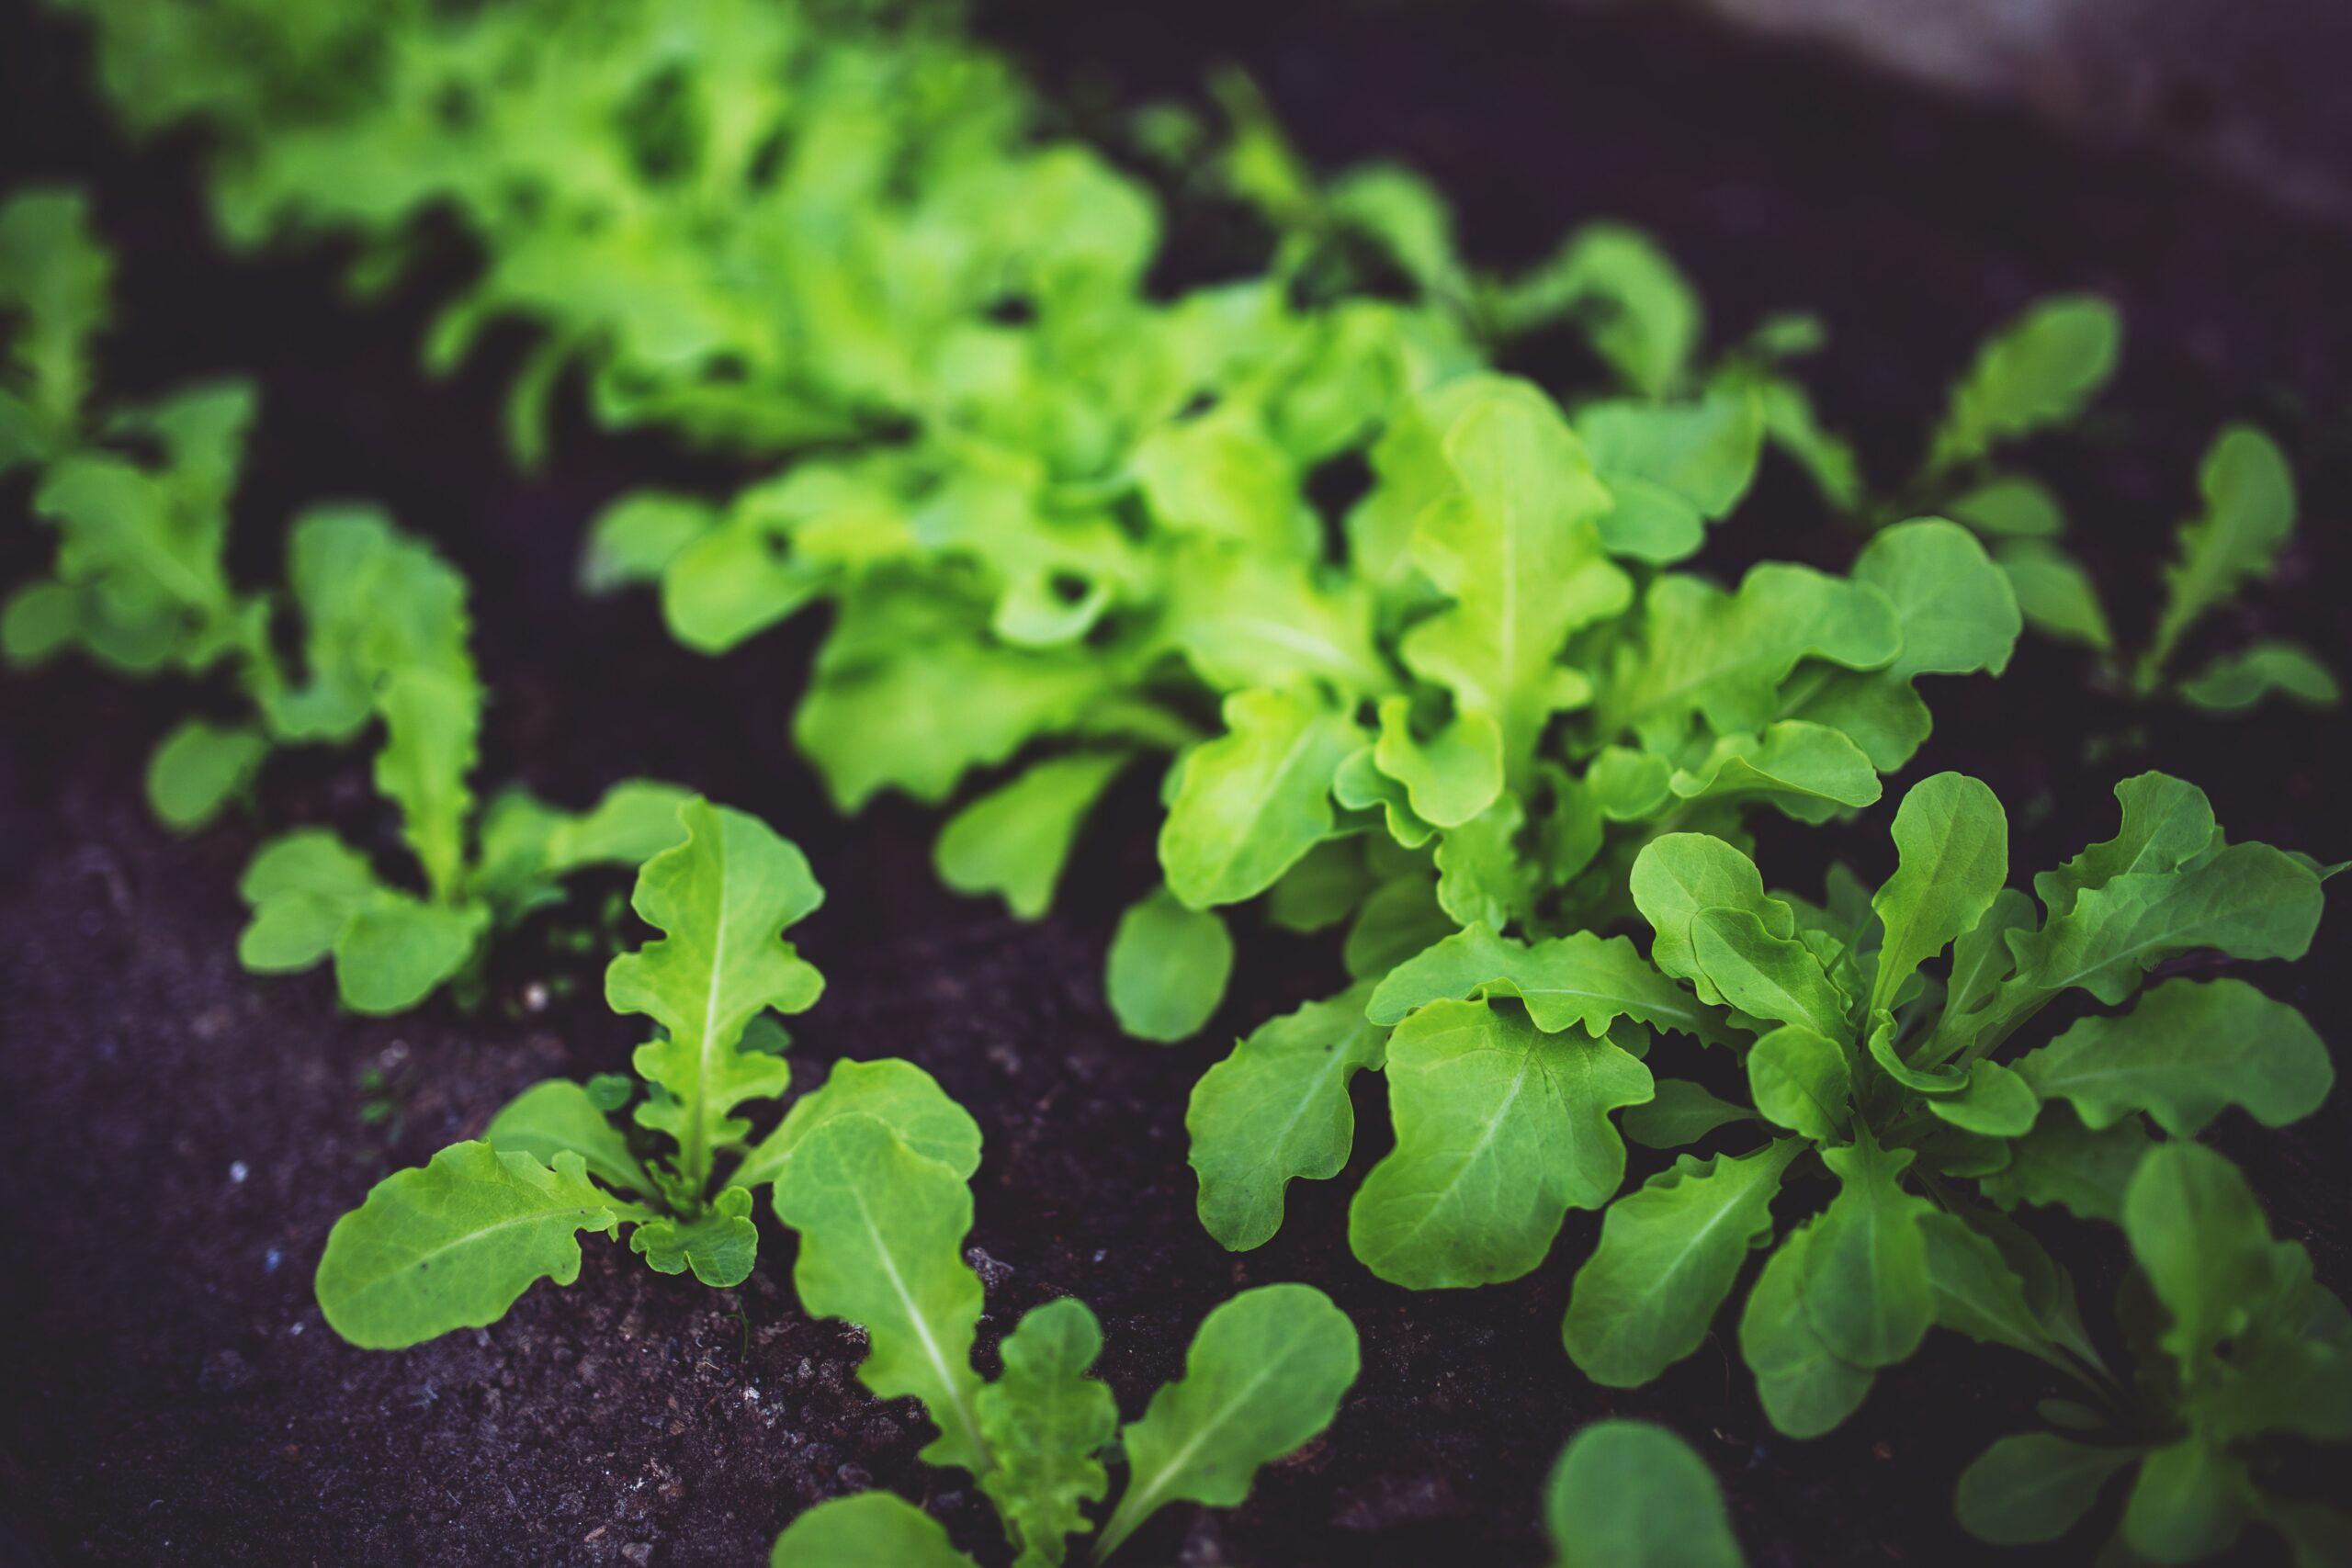 eco pest control - home garden